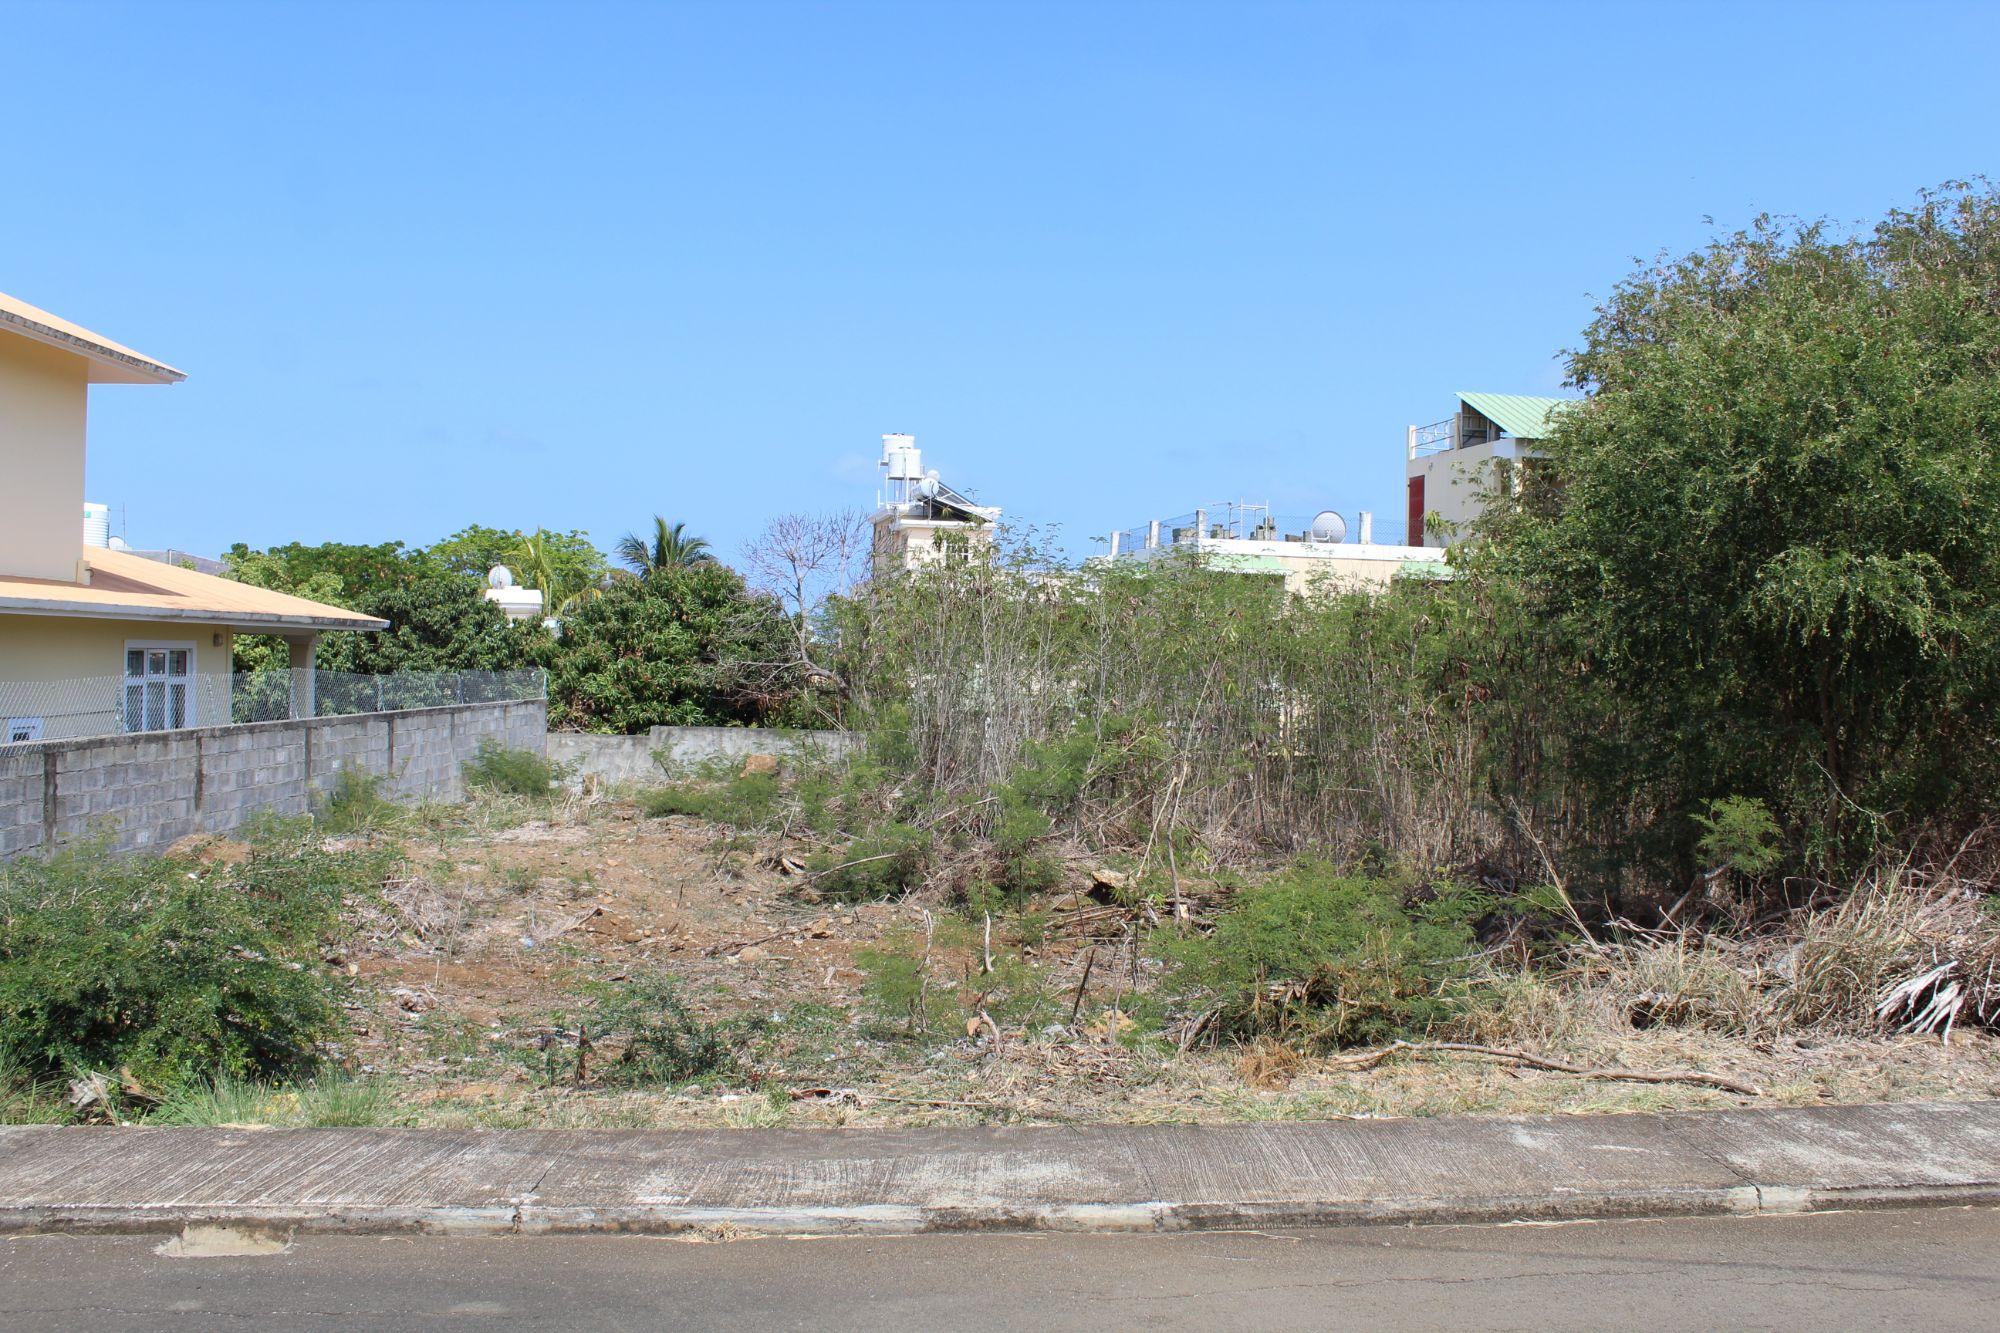 Terrain de 115 toises situé dans une zone résidentielle proche de toutes commodités à Flic en Flac avec un bon voisinage.